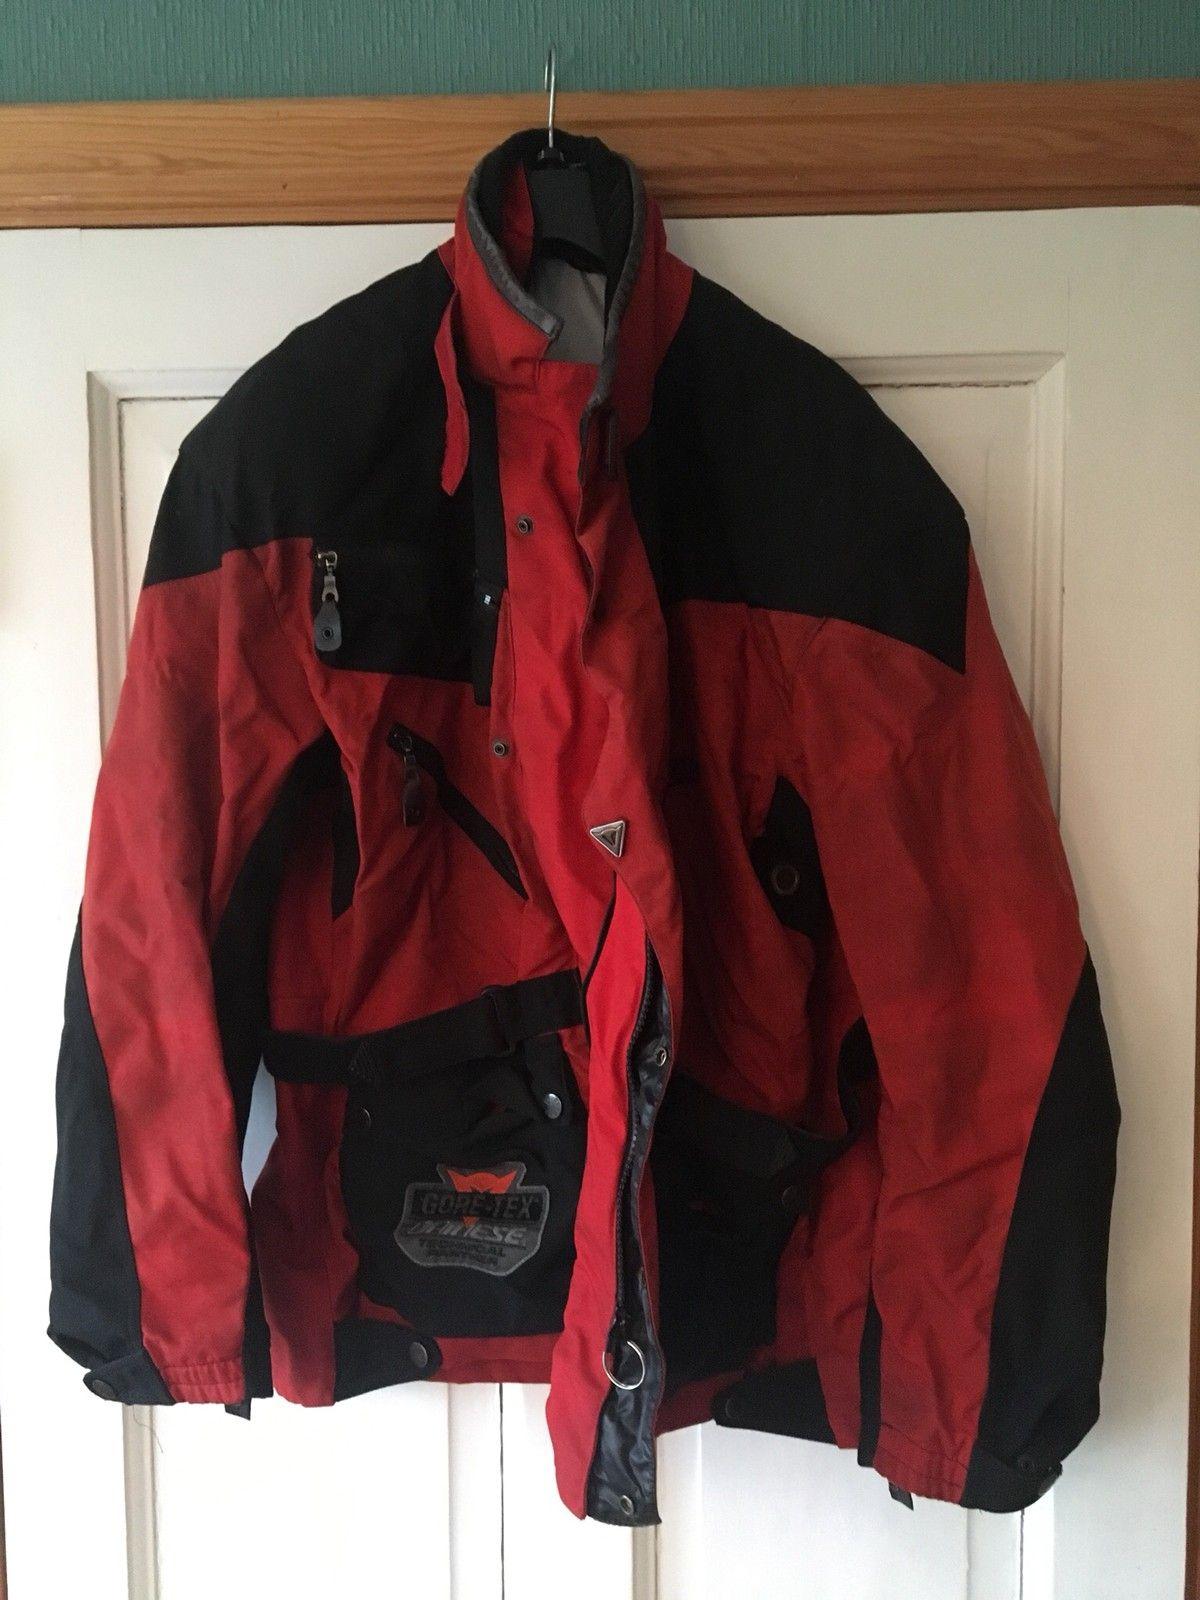 039e485a Motorsykkel jakke og bukse selges veldig billig!!! | FINN.no